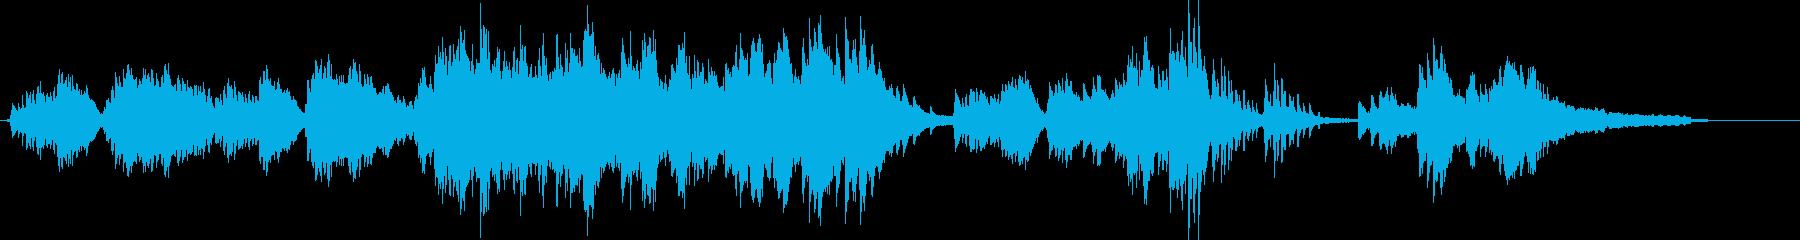 美しい旋律が印象的なピアノ曲の再生済みの波形